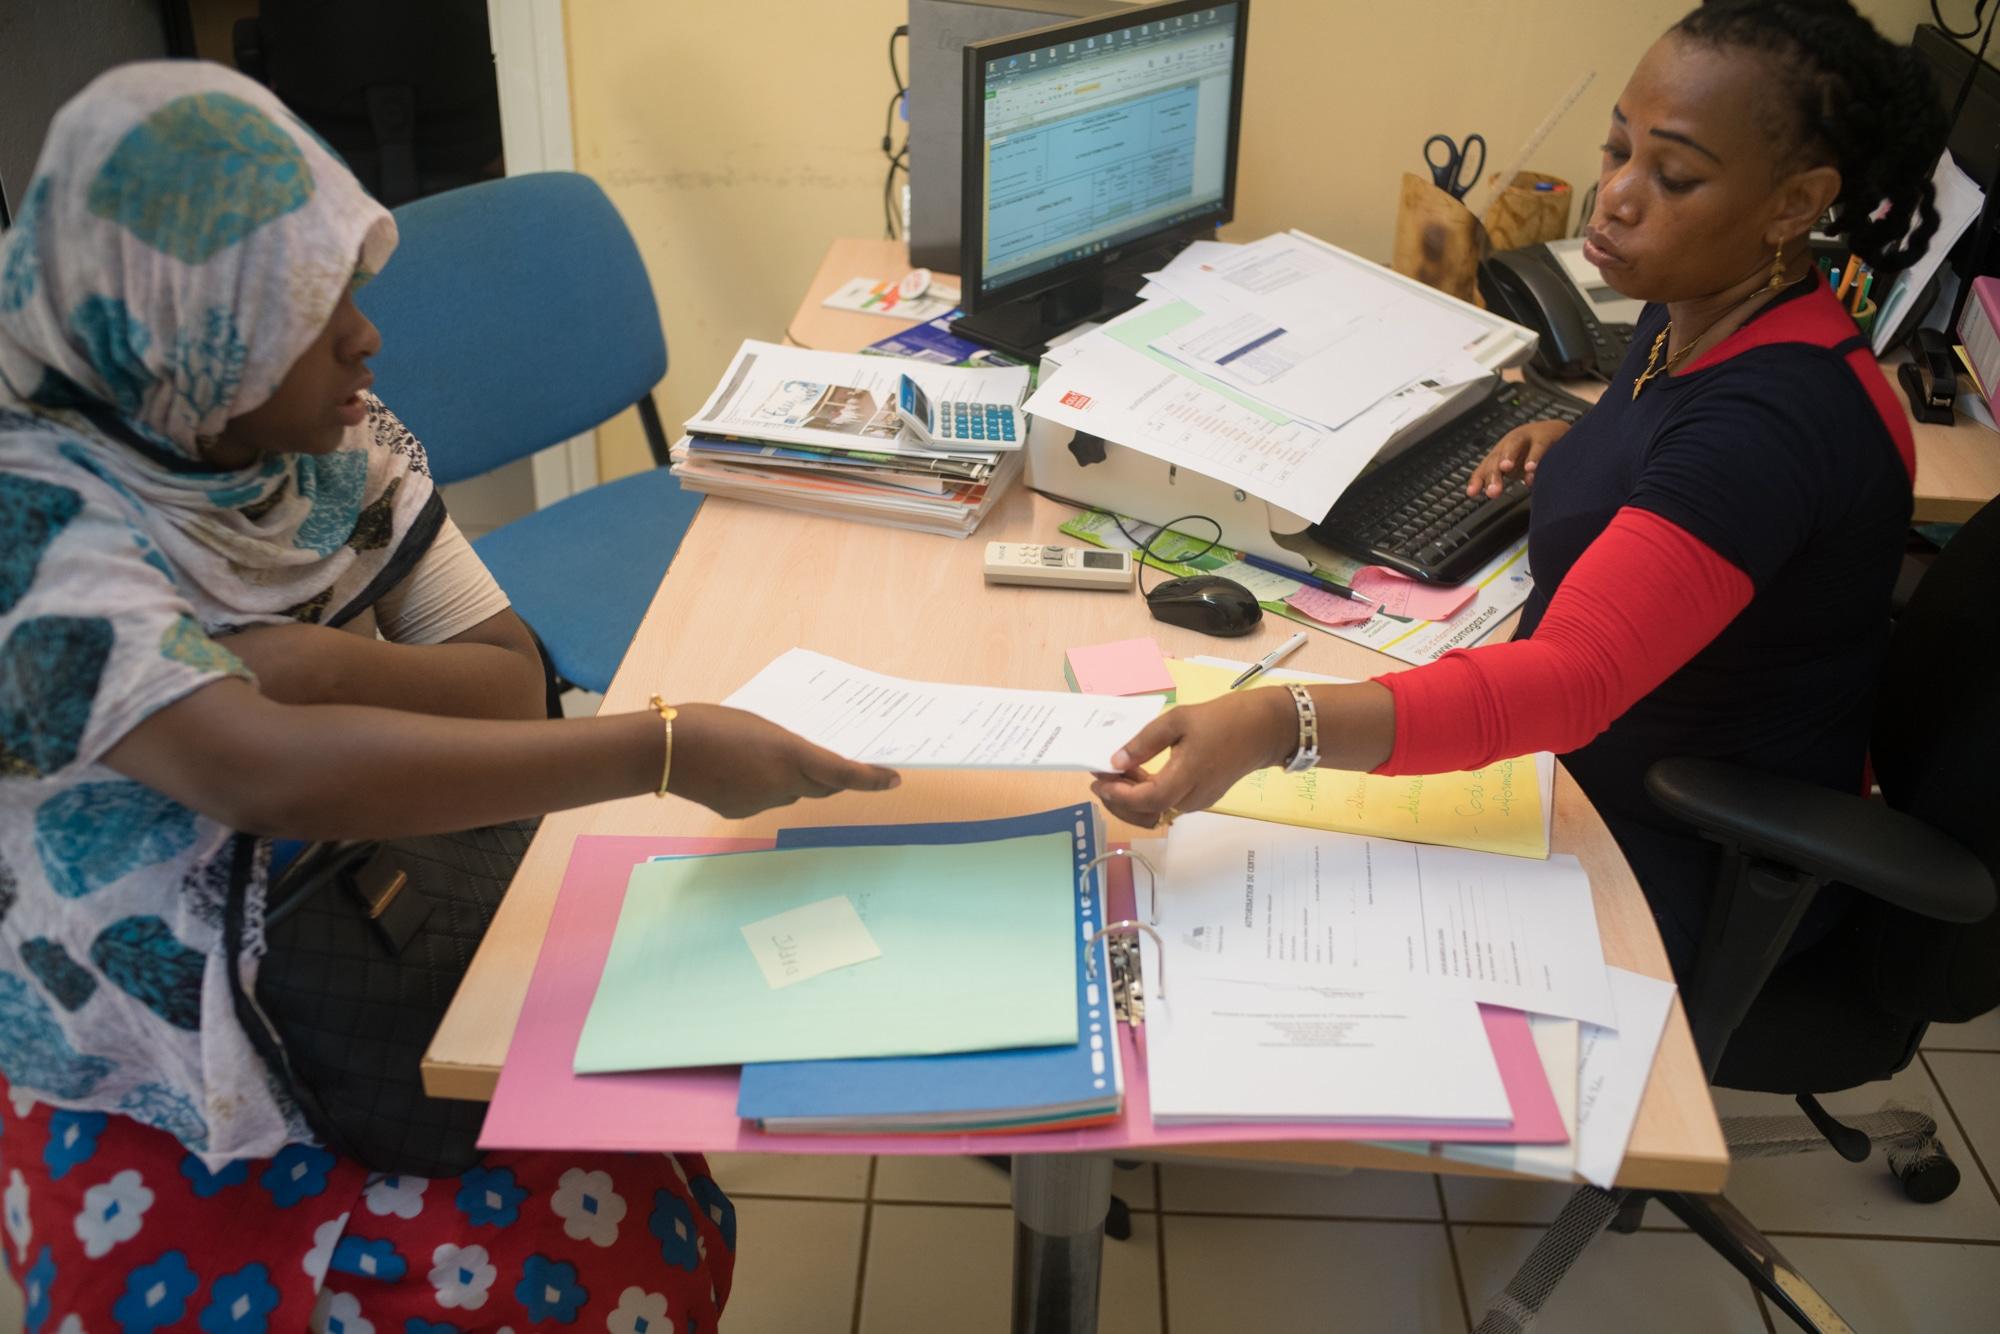 Hayati tend des documents imprimés à la personne qu'elle reçoit dans son bureau